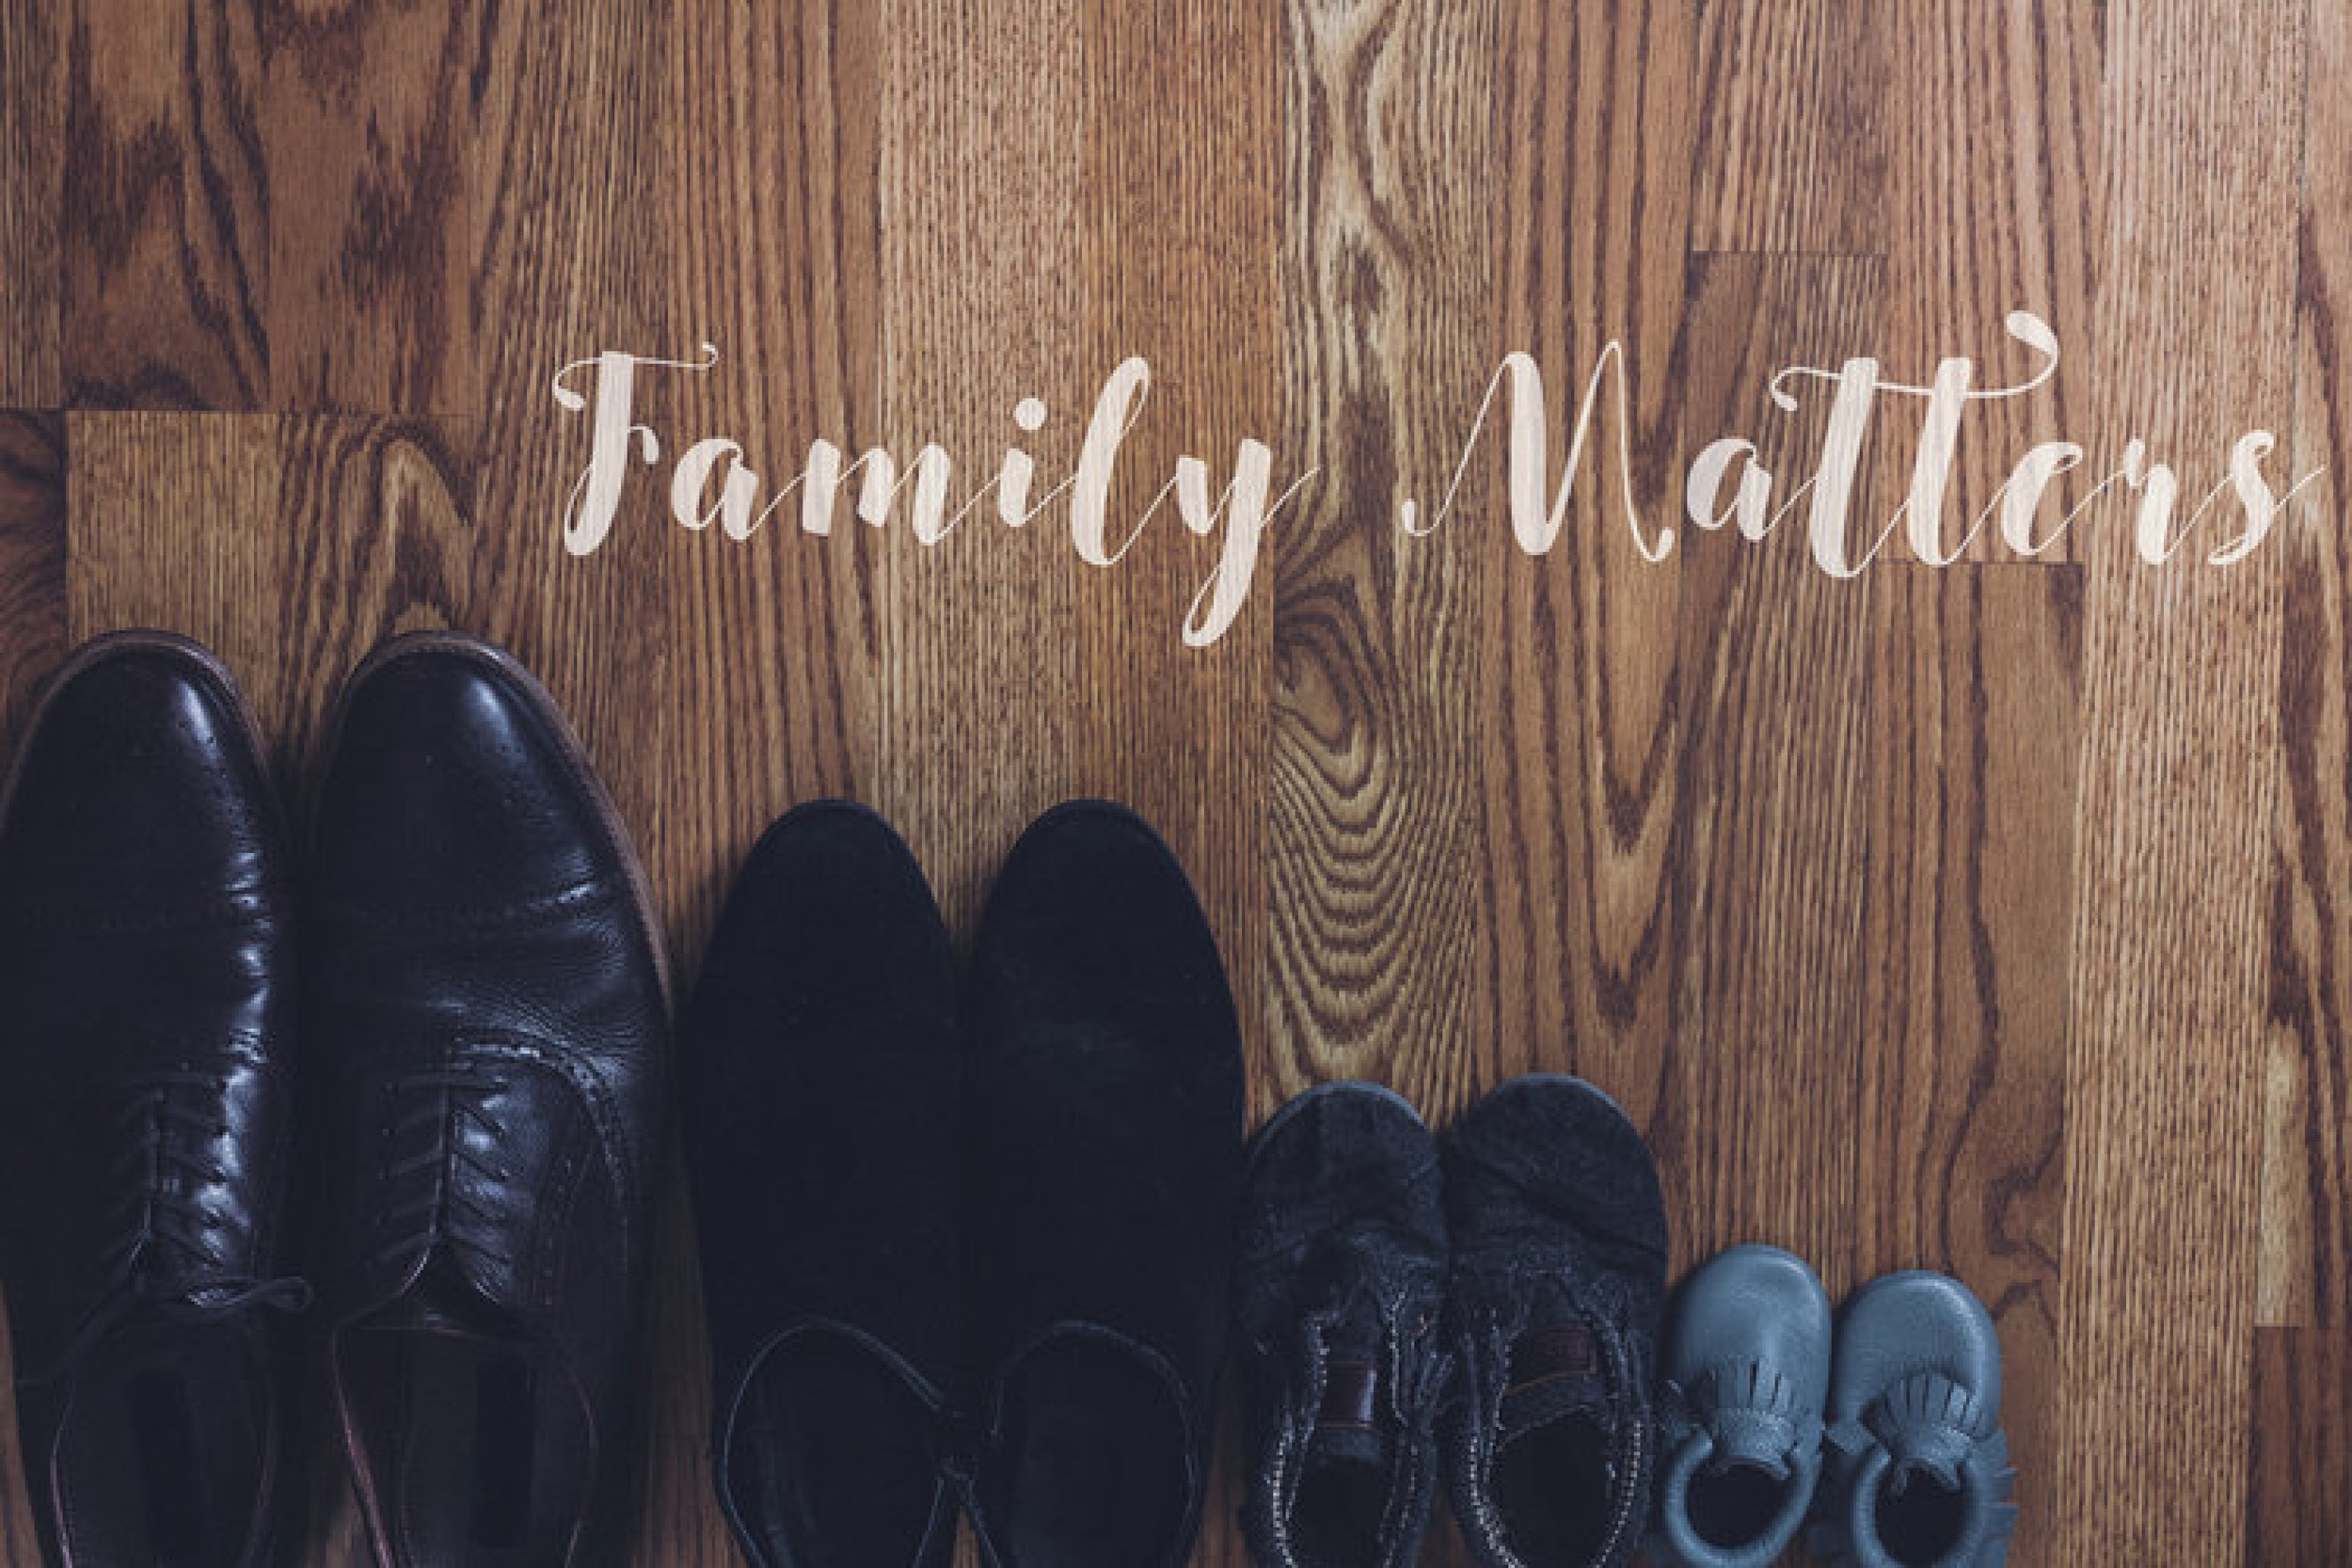 Family Matters 2.jpg